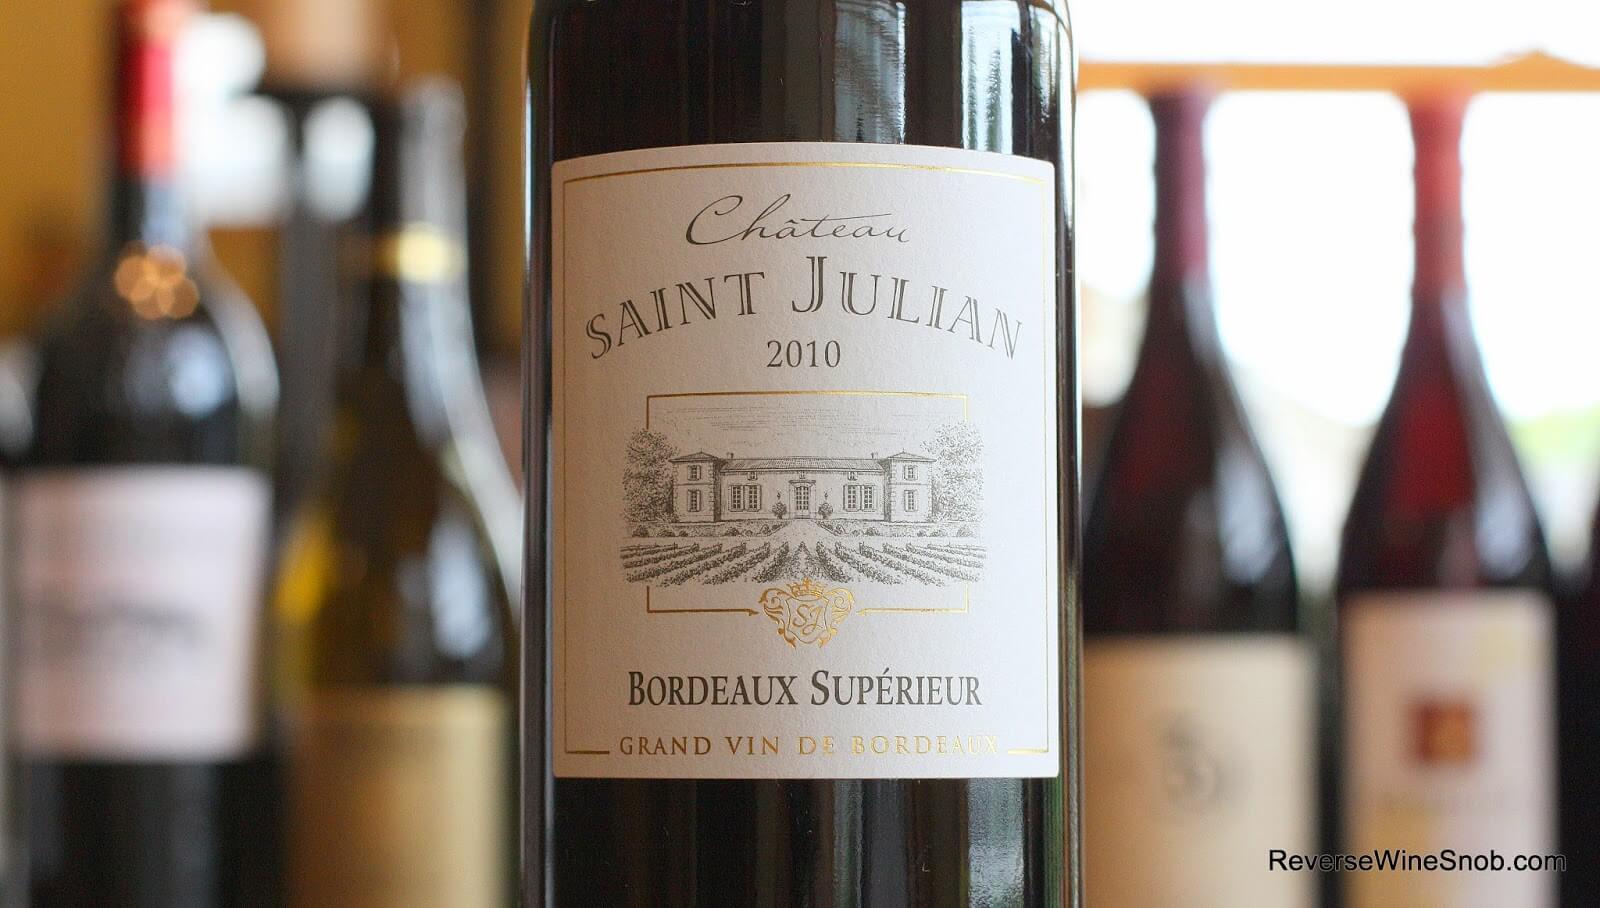 2010-Chateau-Saint-Julian-Bordeaux-Superieur